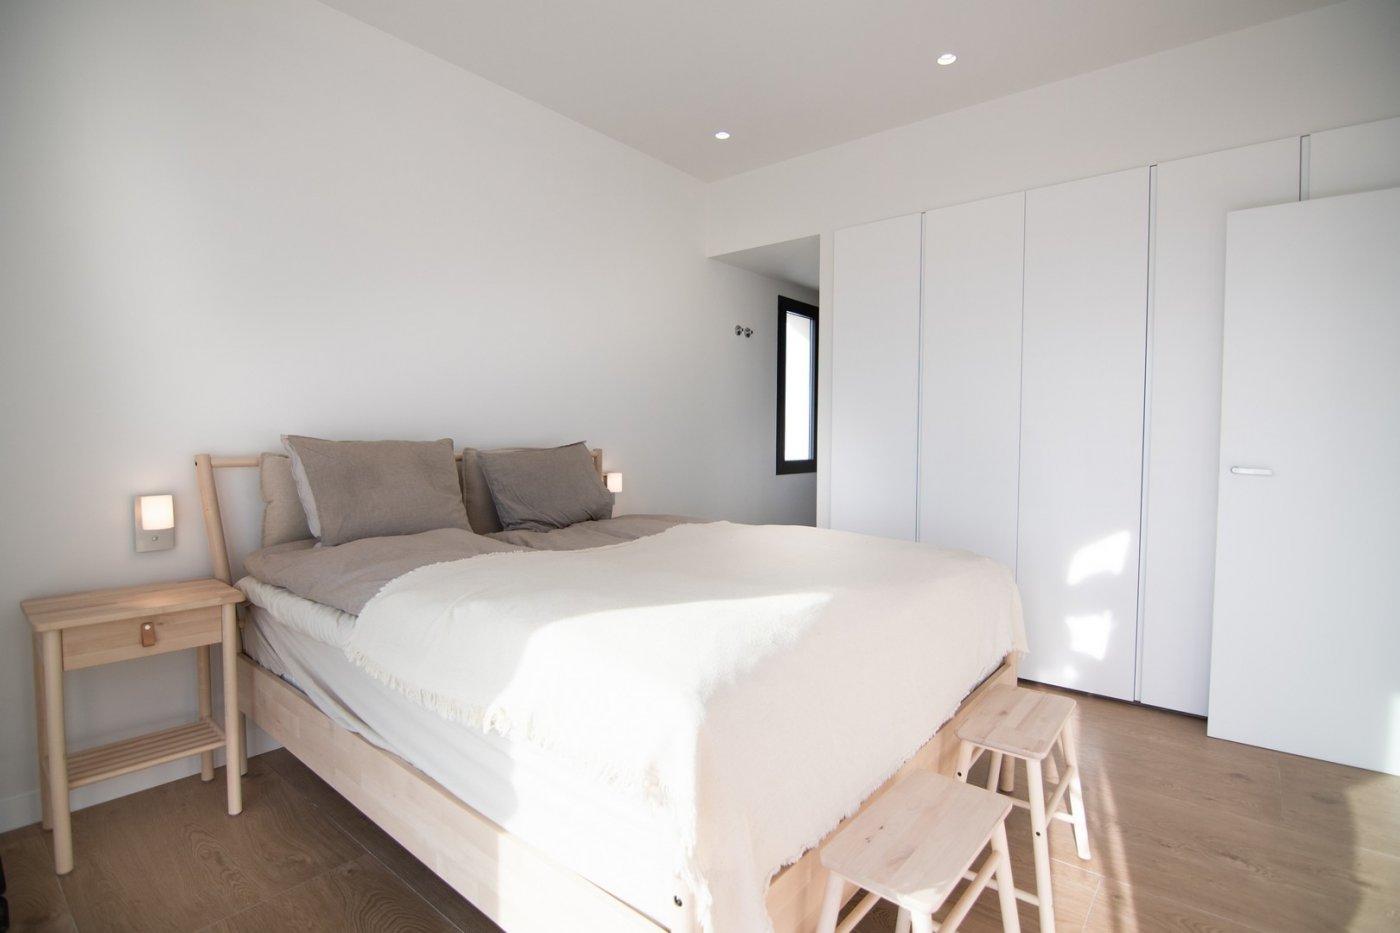 Modernas villas de obra nueva en los montesinos !!! - imagenInmueble9